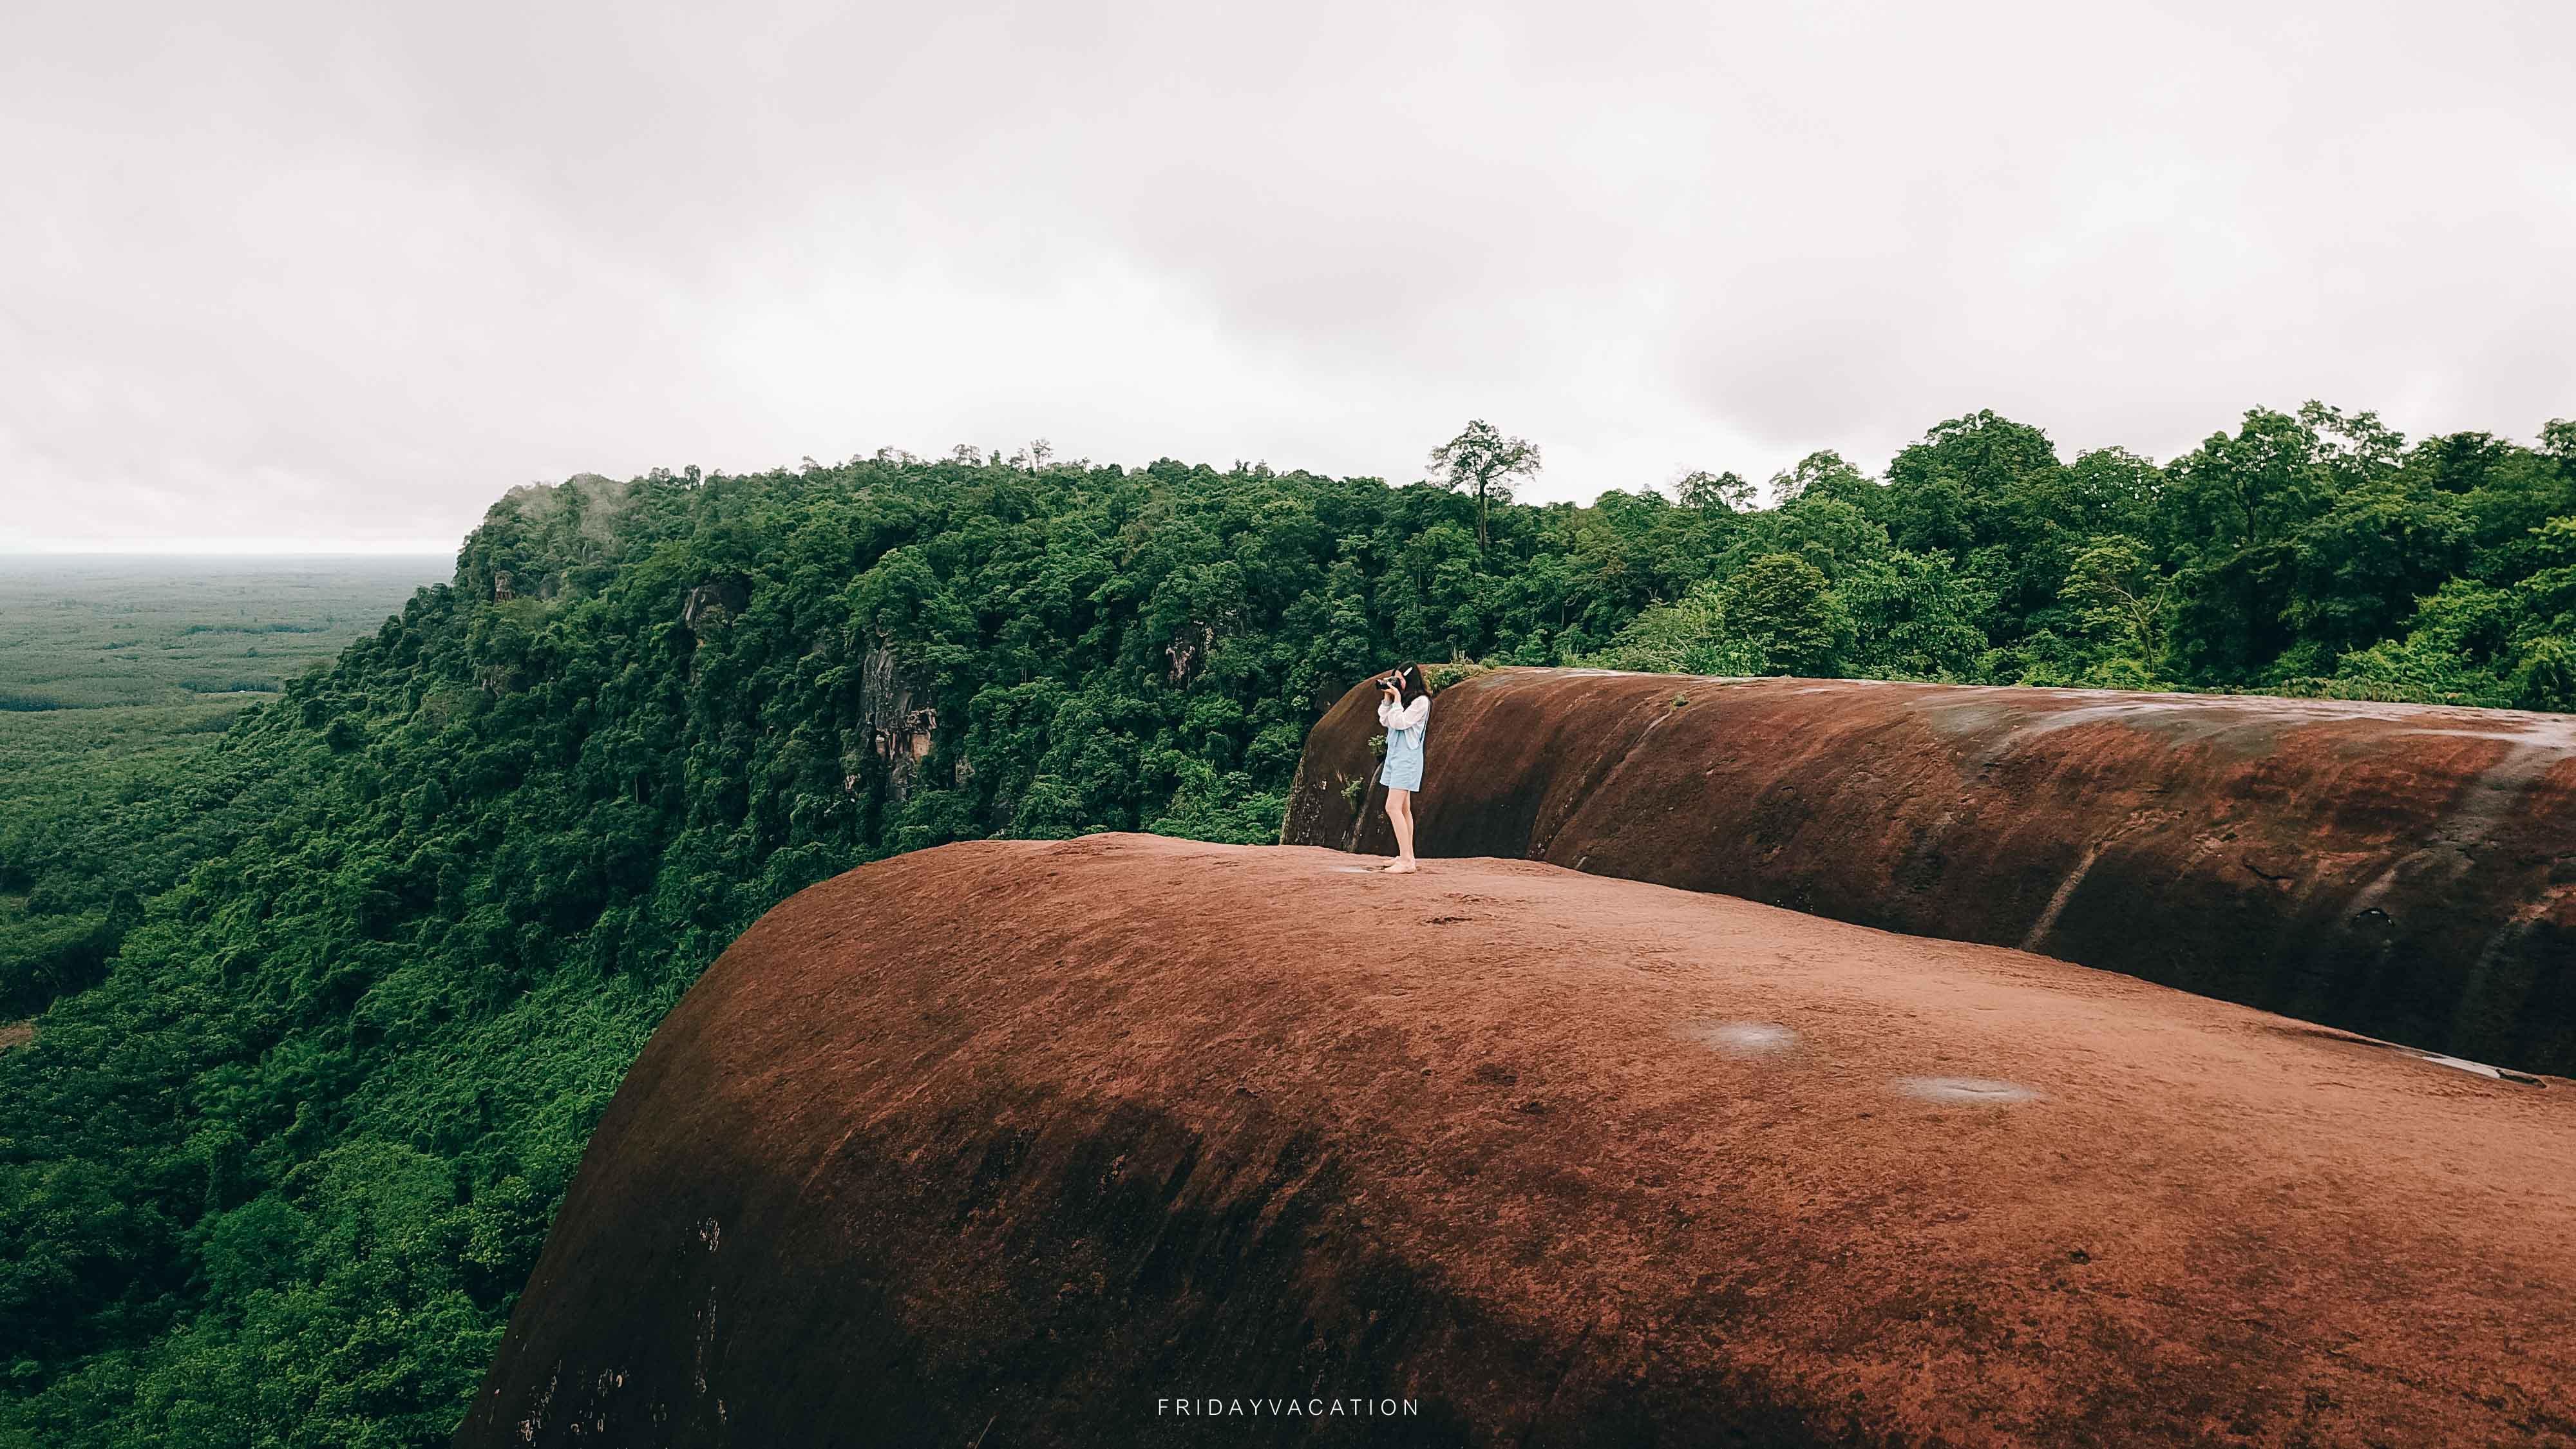 ที่เที่ยวบึงกาฬ หินสามวาฬ ในฤดูฝน นครศรีดีย์